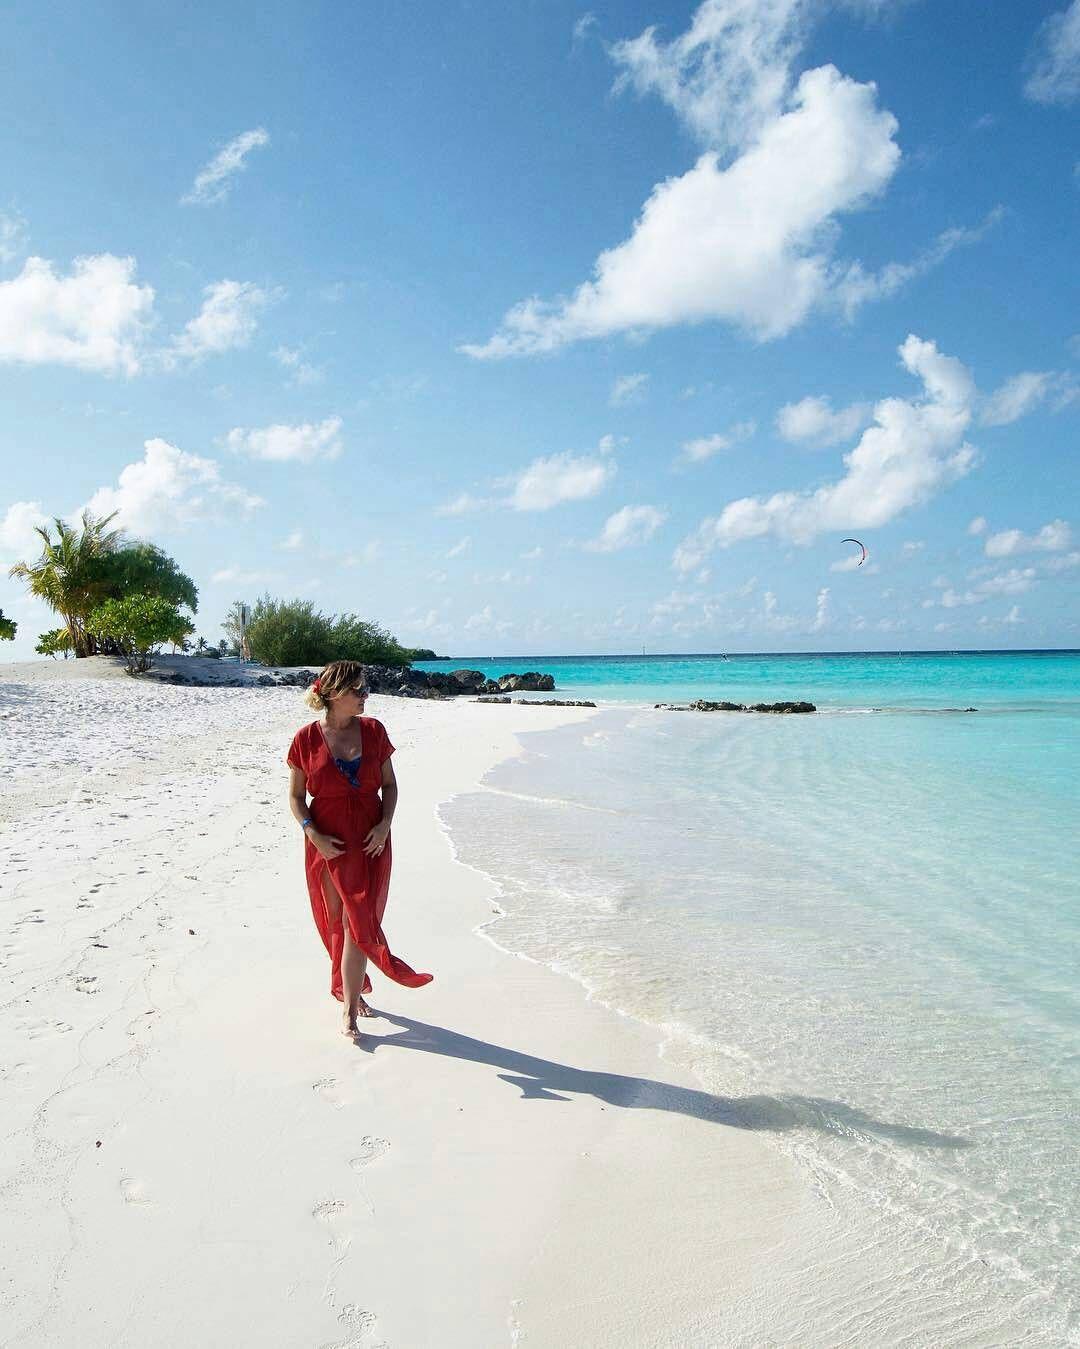 Sun Island Beach Maldives: The Maldives Island - Sun Island Resort